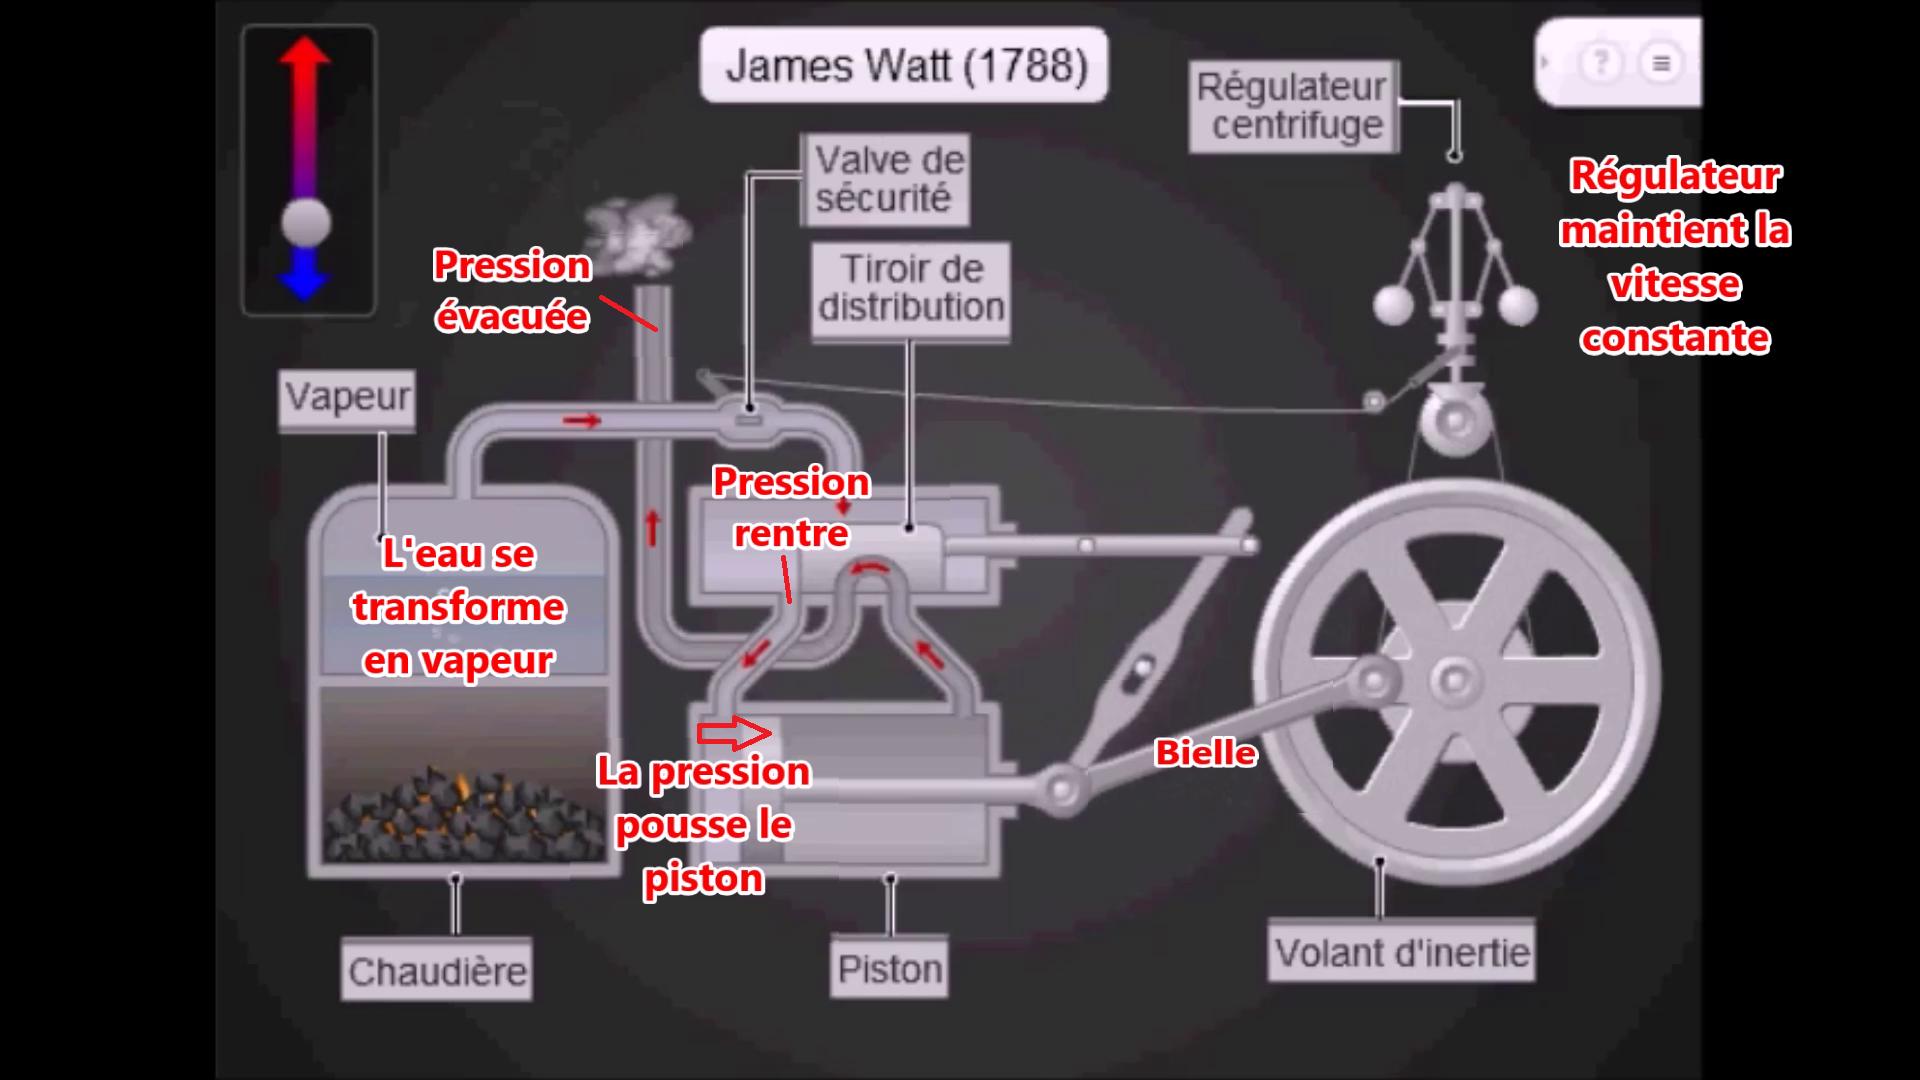 La machine vapeur for Centrale vapeur ne fait plus de vapeur